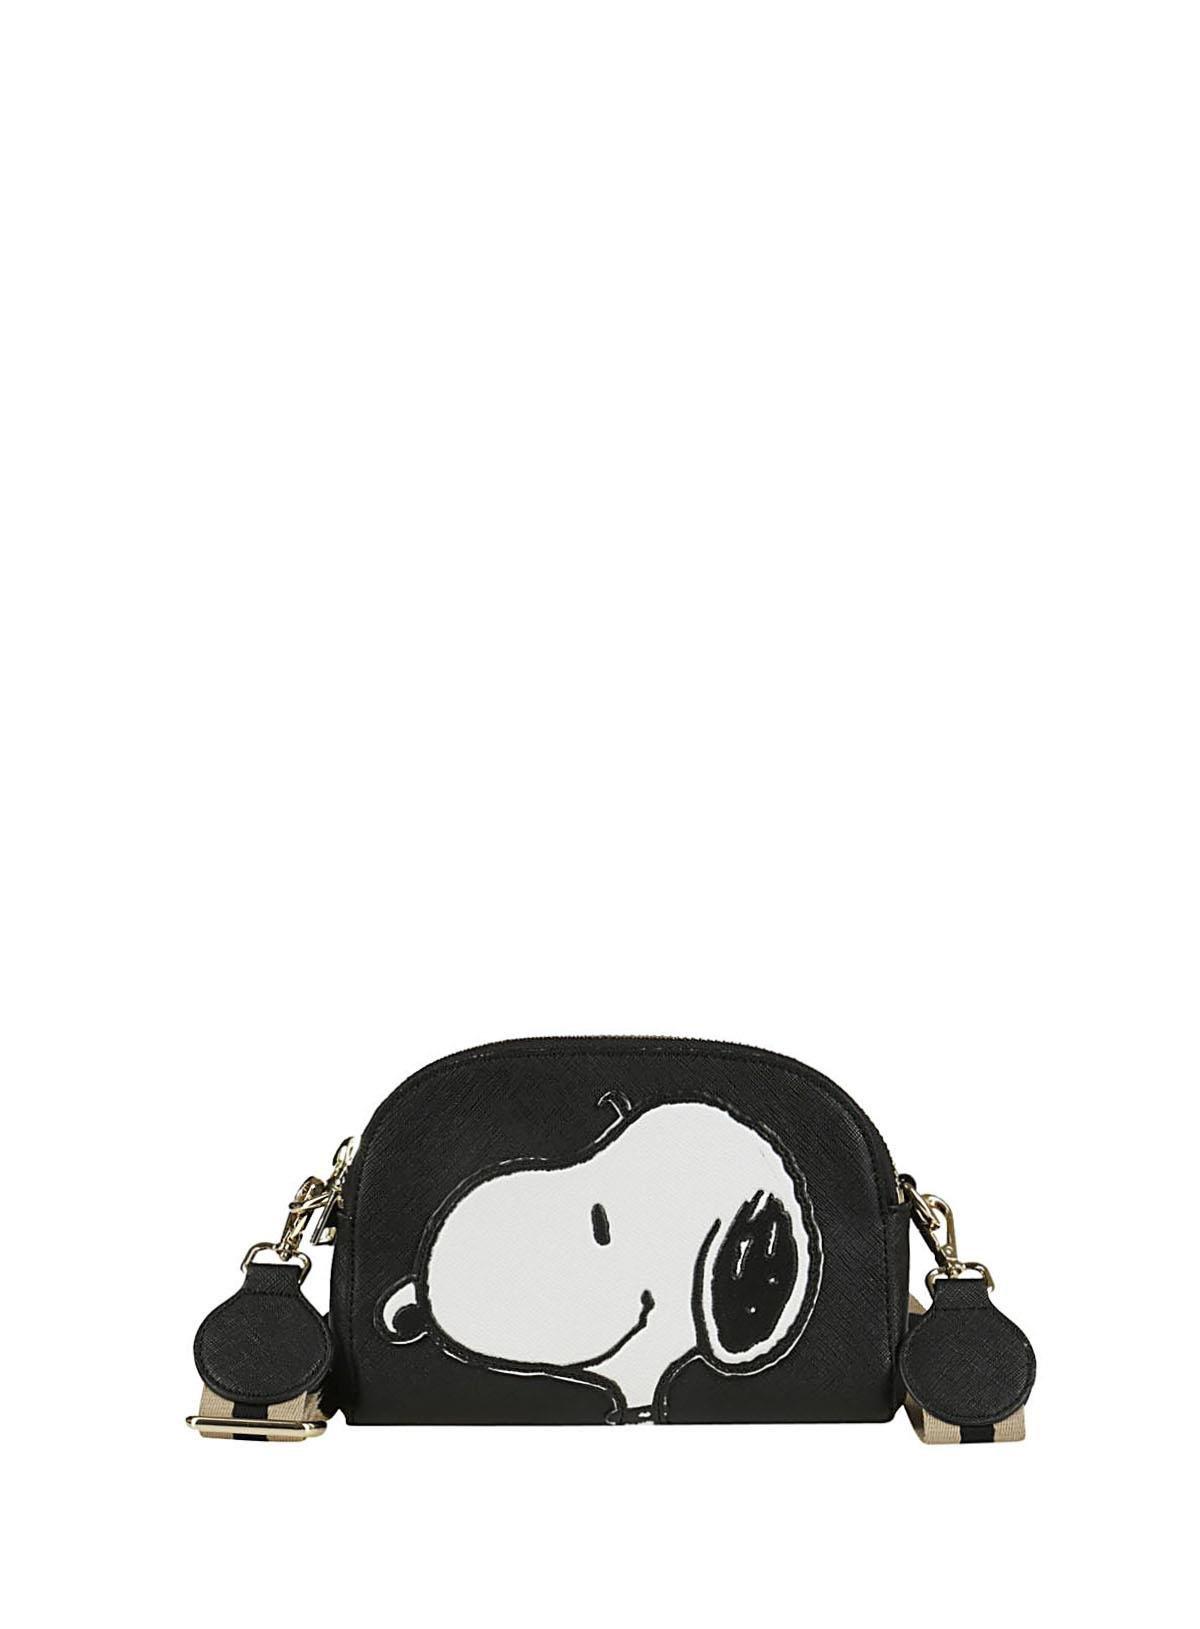 Essentiel Women's Polippibl19 Black Leather Beauty Case